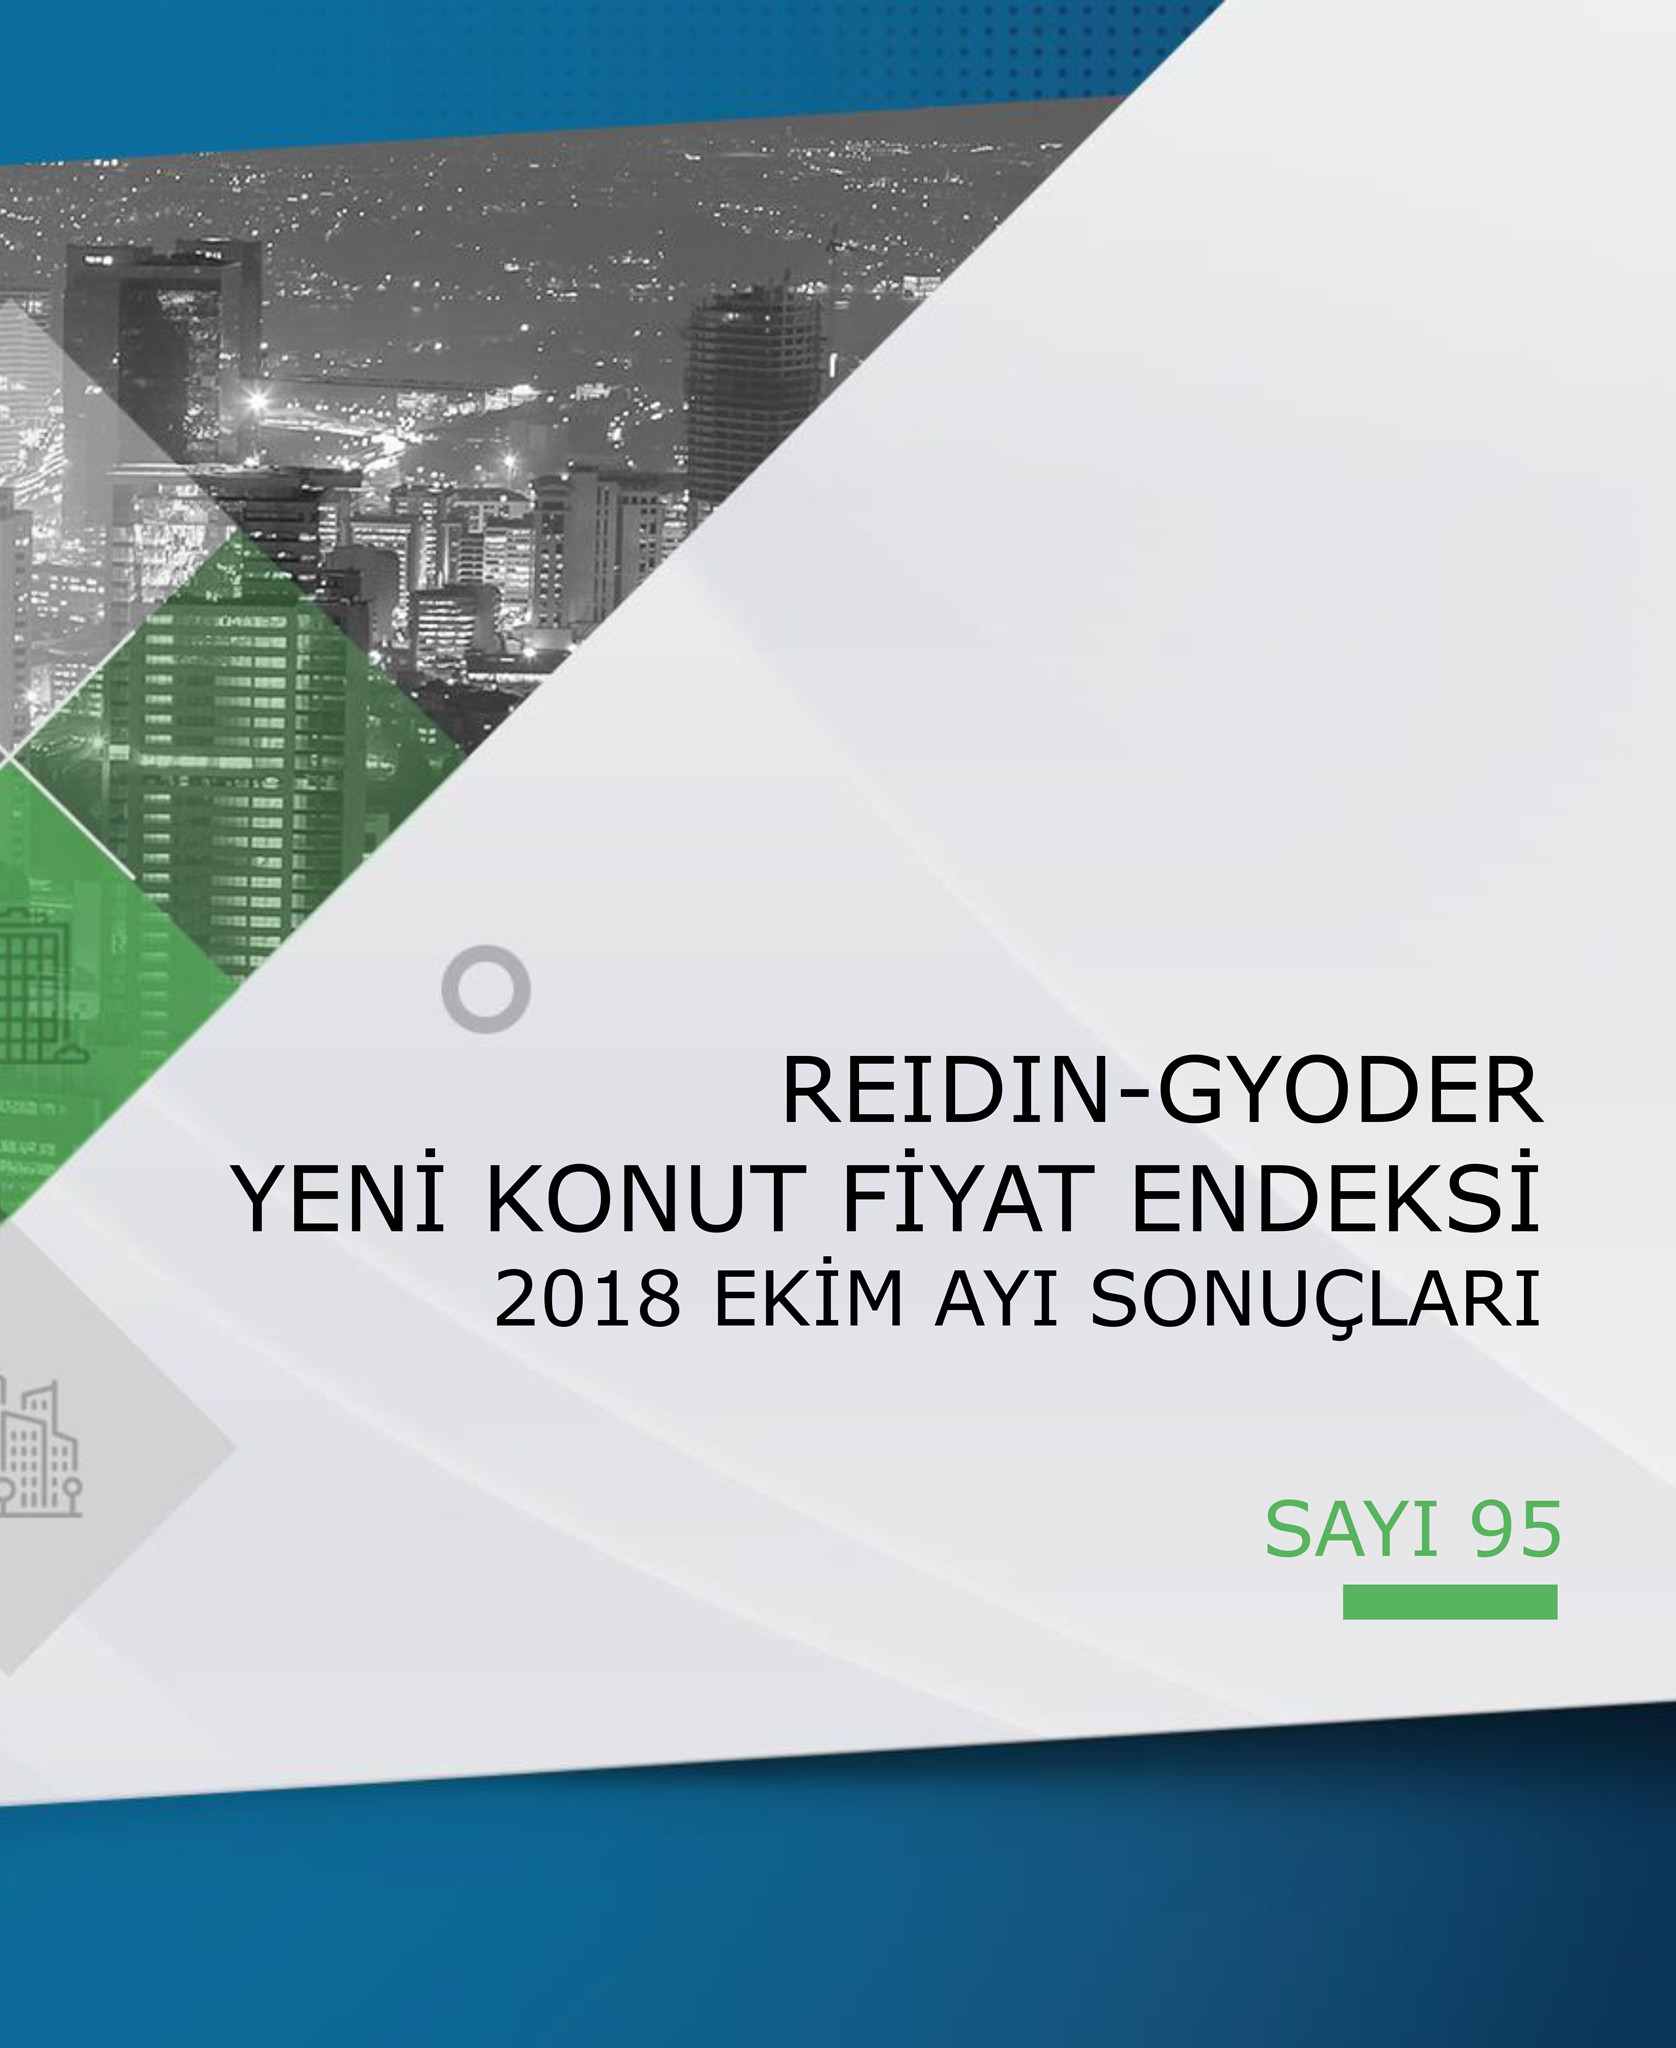 GYODER, Yeni Konut Fiyat Endeksi'nin Ekim 2018 Raporu'nu açıkladı.